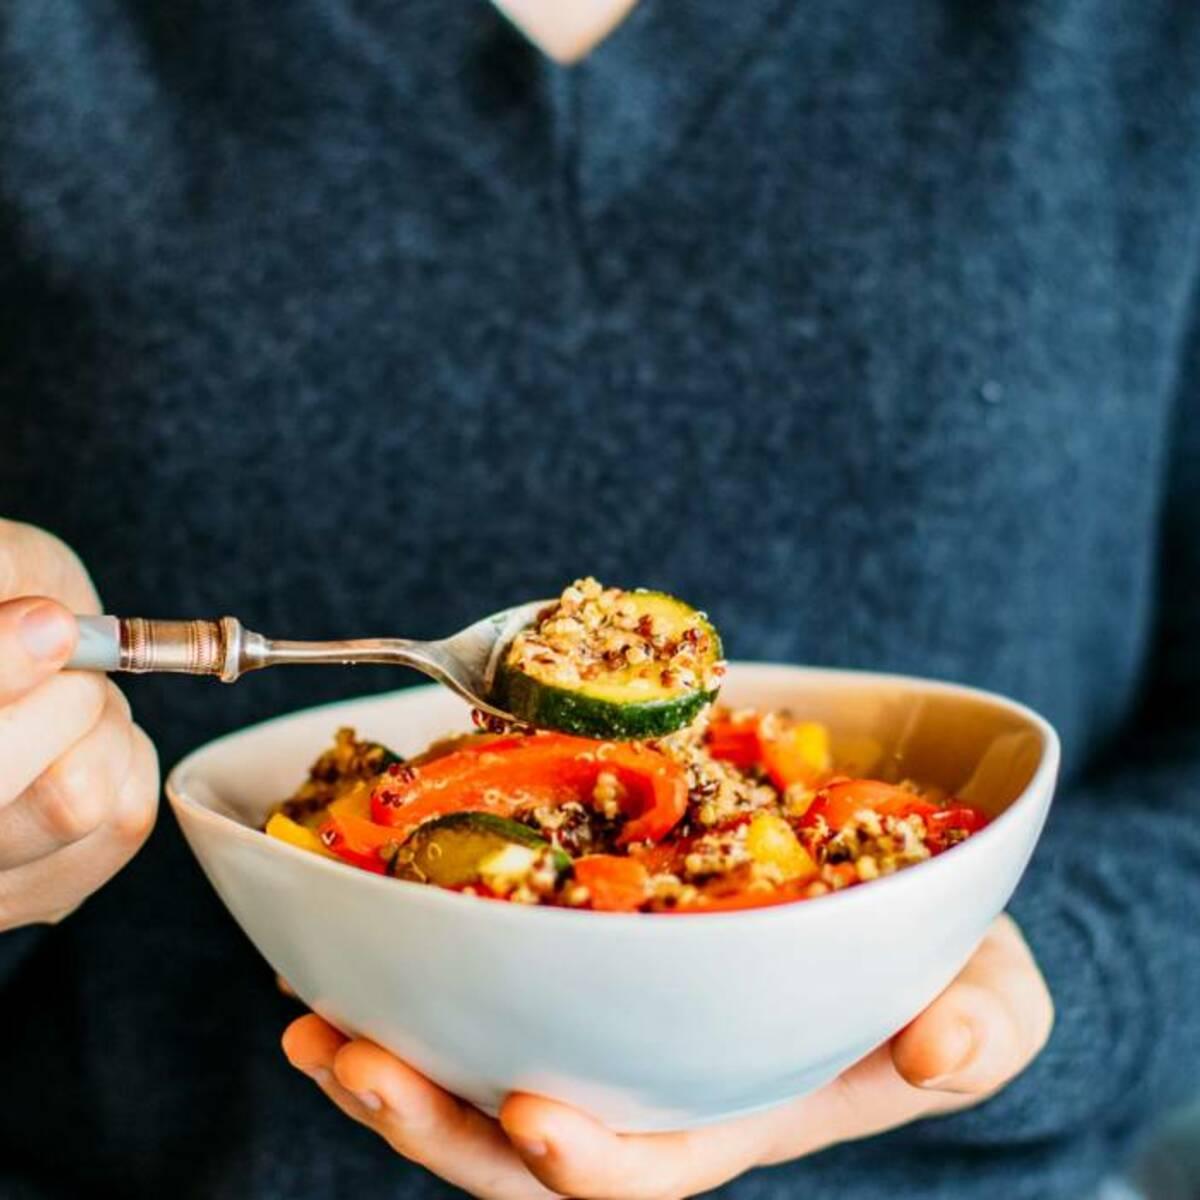 Ersetzen Sie eine Mahlzeit, um Gewicht zu verlieren